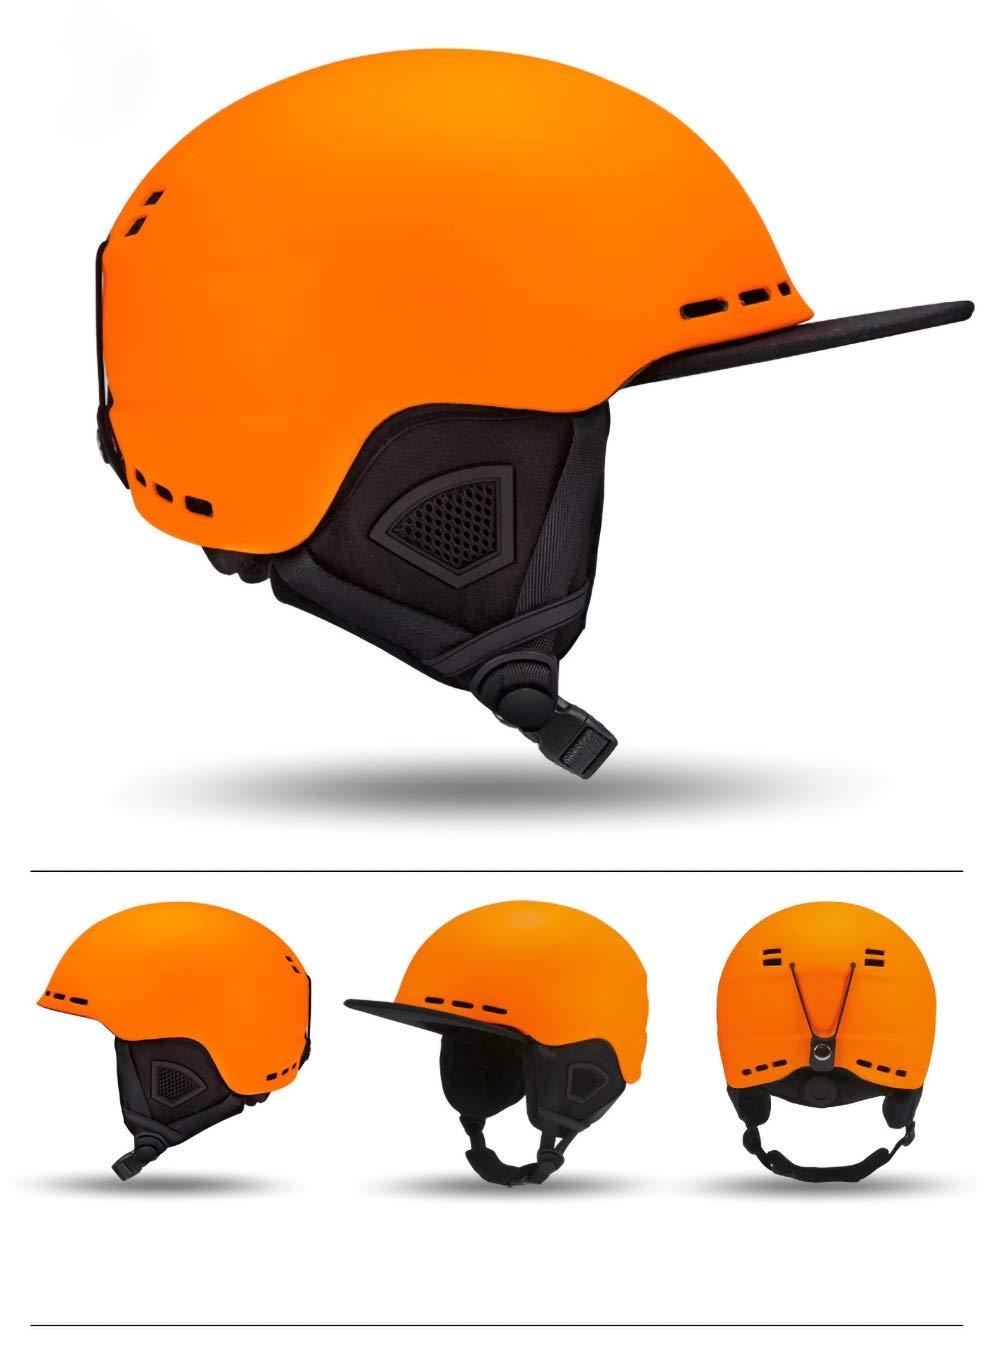 幼児用ヘルメット 子供用ヘルメット、子供用安全調整自転車用ヘルメット、スケート、スクーティング、スキー、自転車(56-59cm) (Color : Orange)   B07Q4B4K2Q